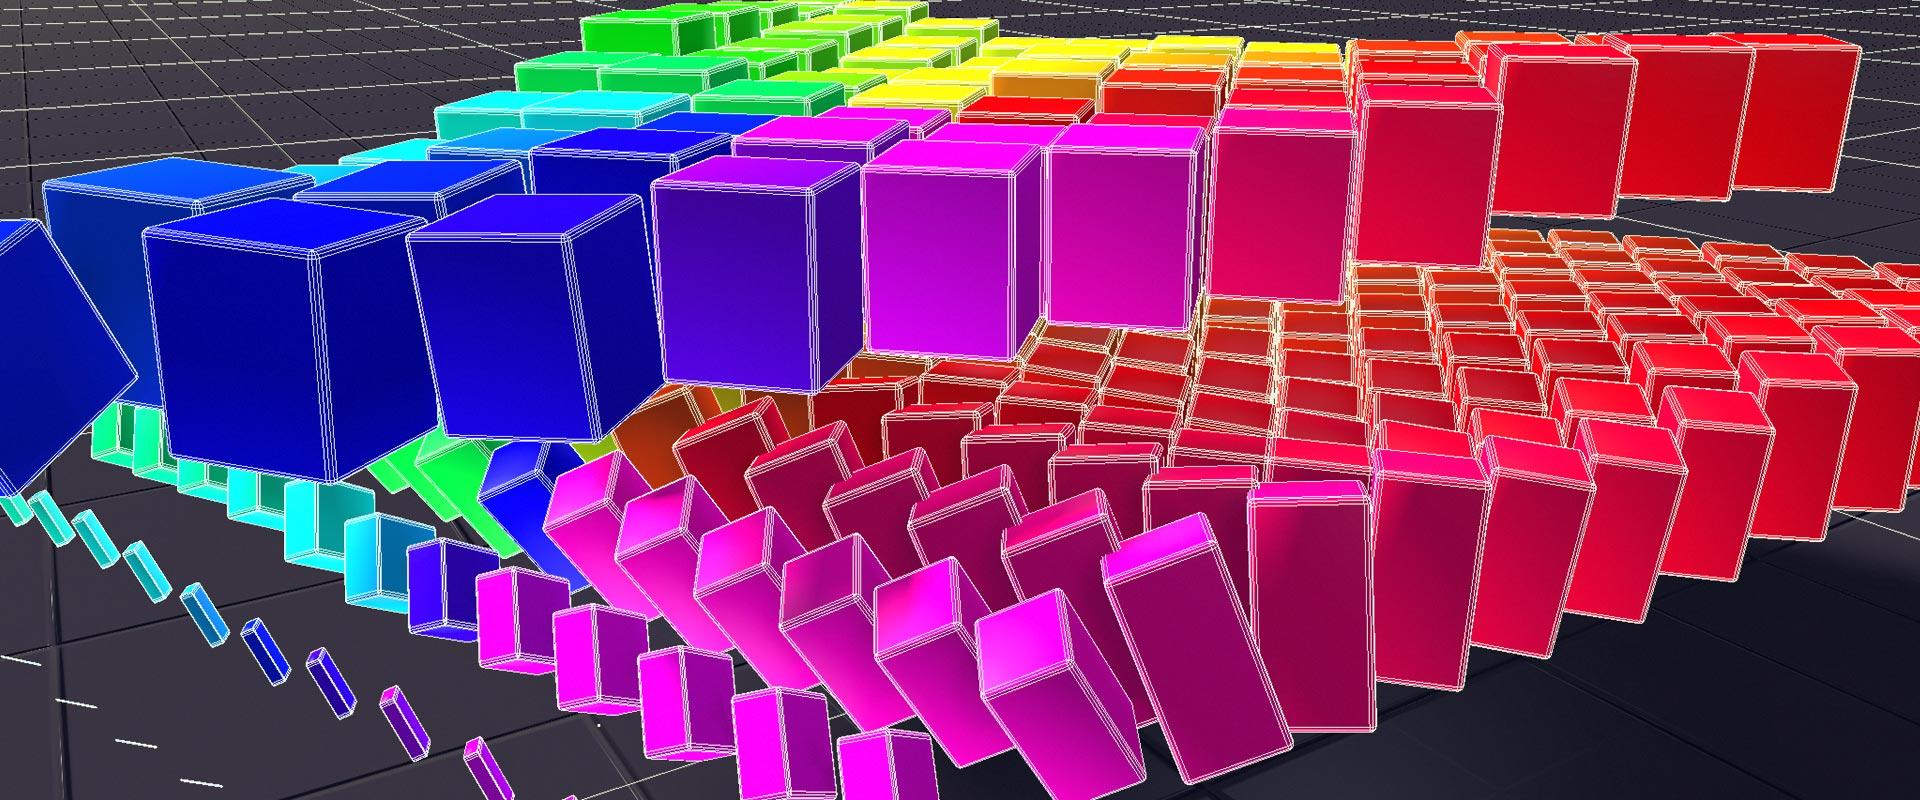 samsung-color-STILL-02.jpg